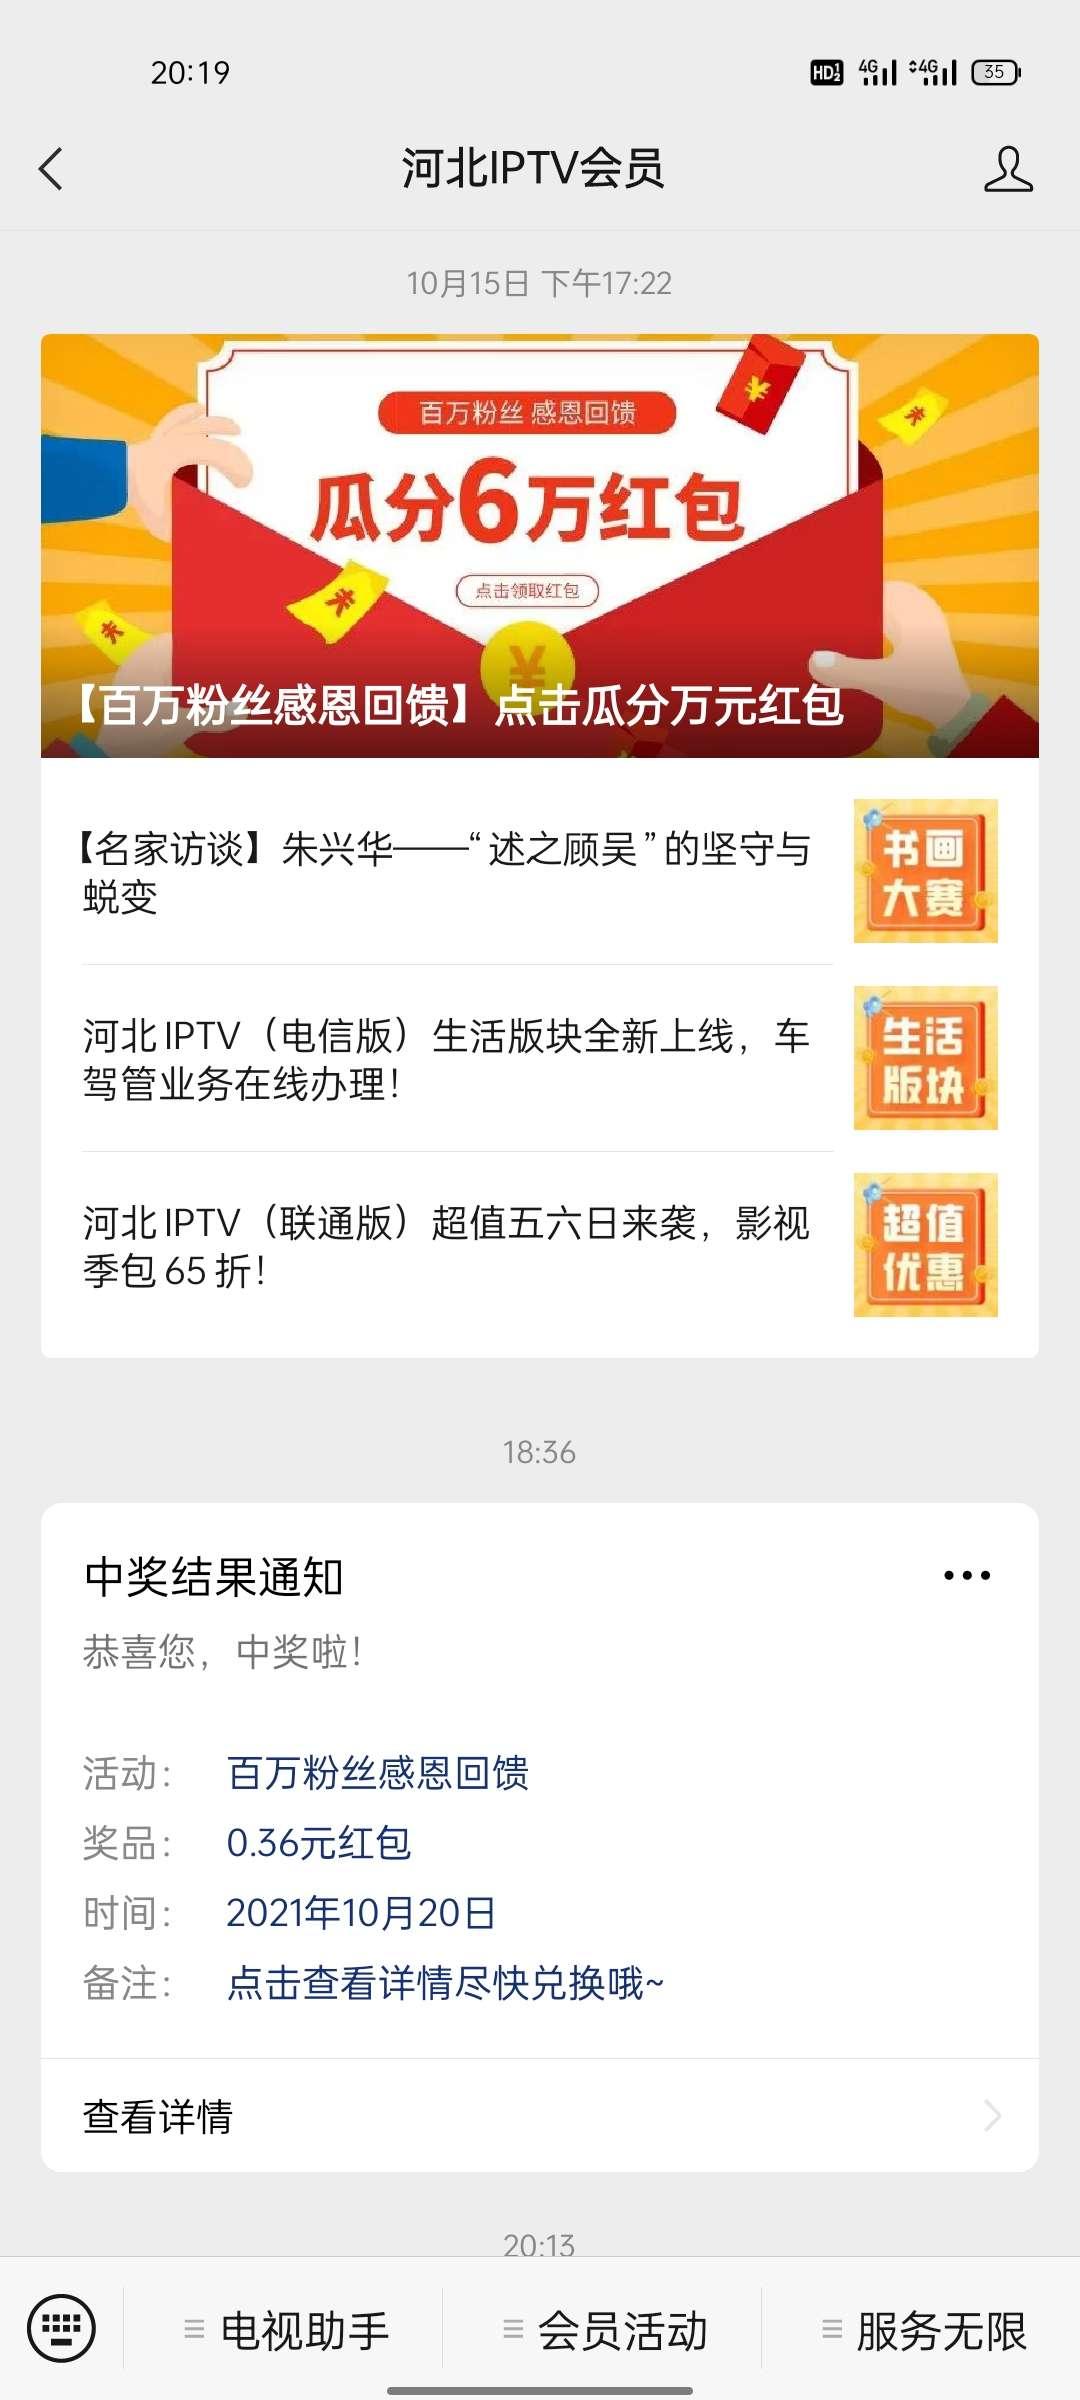 【现金红包】河北IPTV会员百万粉丝感恩回馈